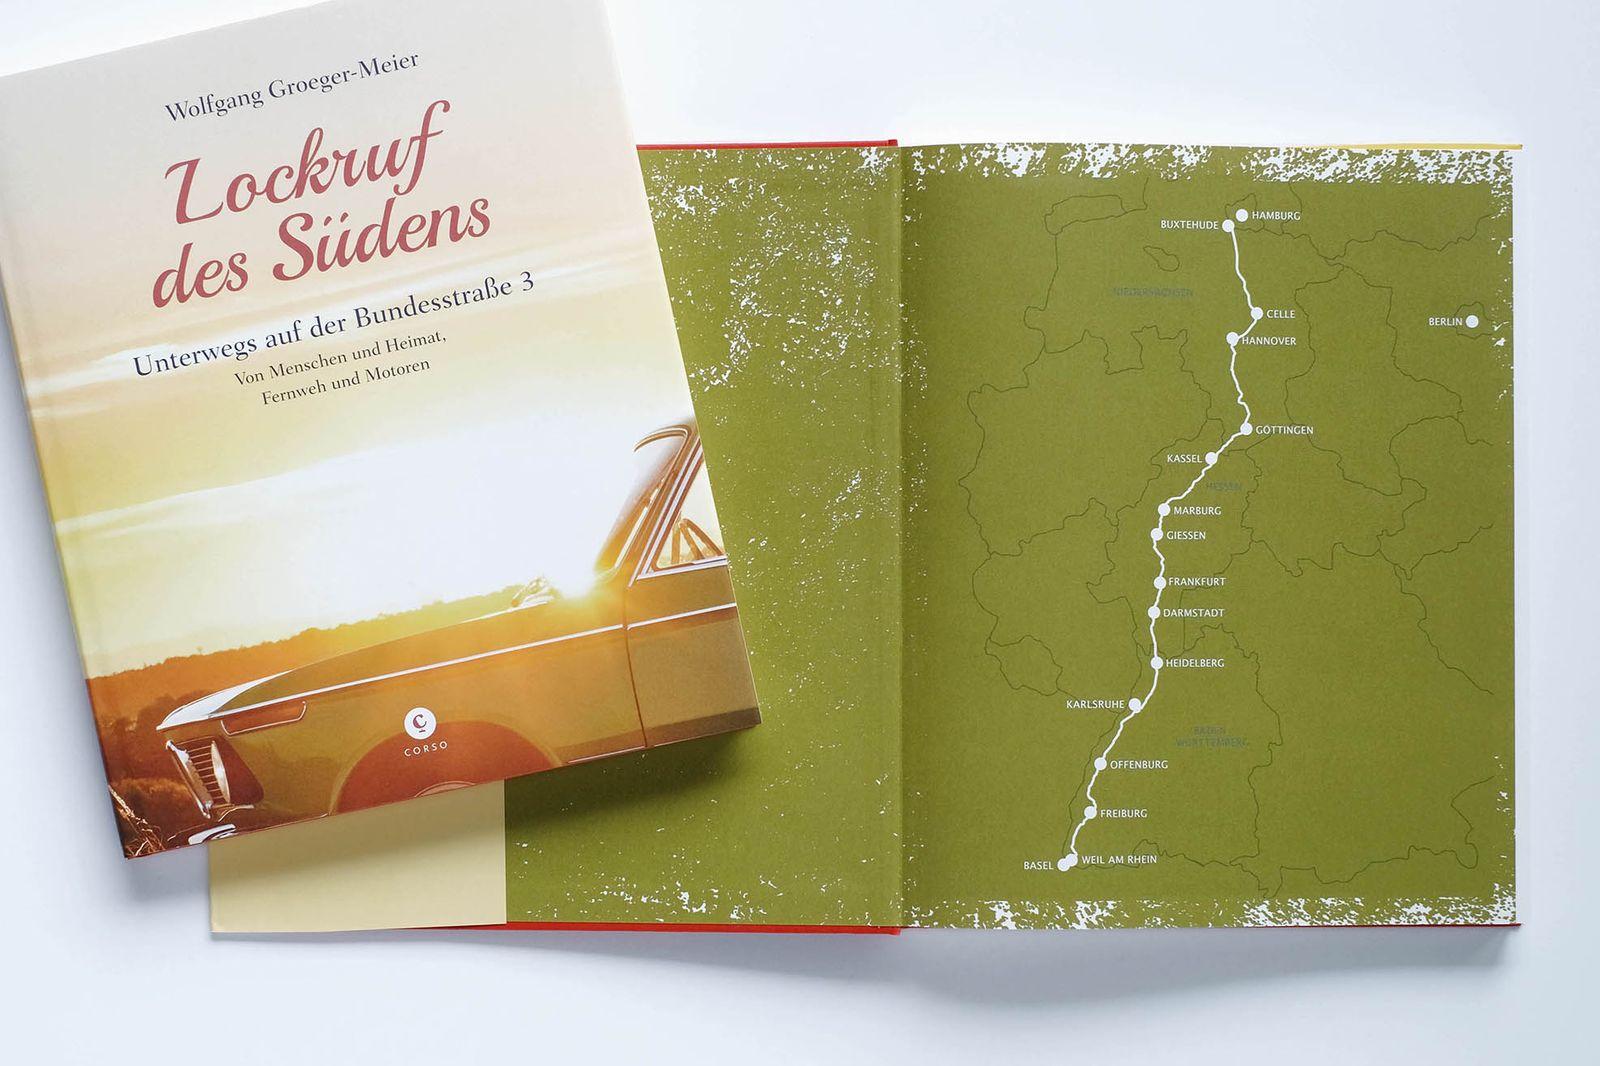 B3-Buch Lockruf des Süden